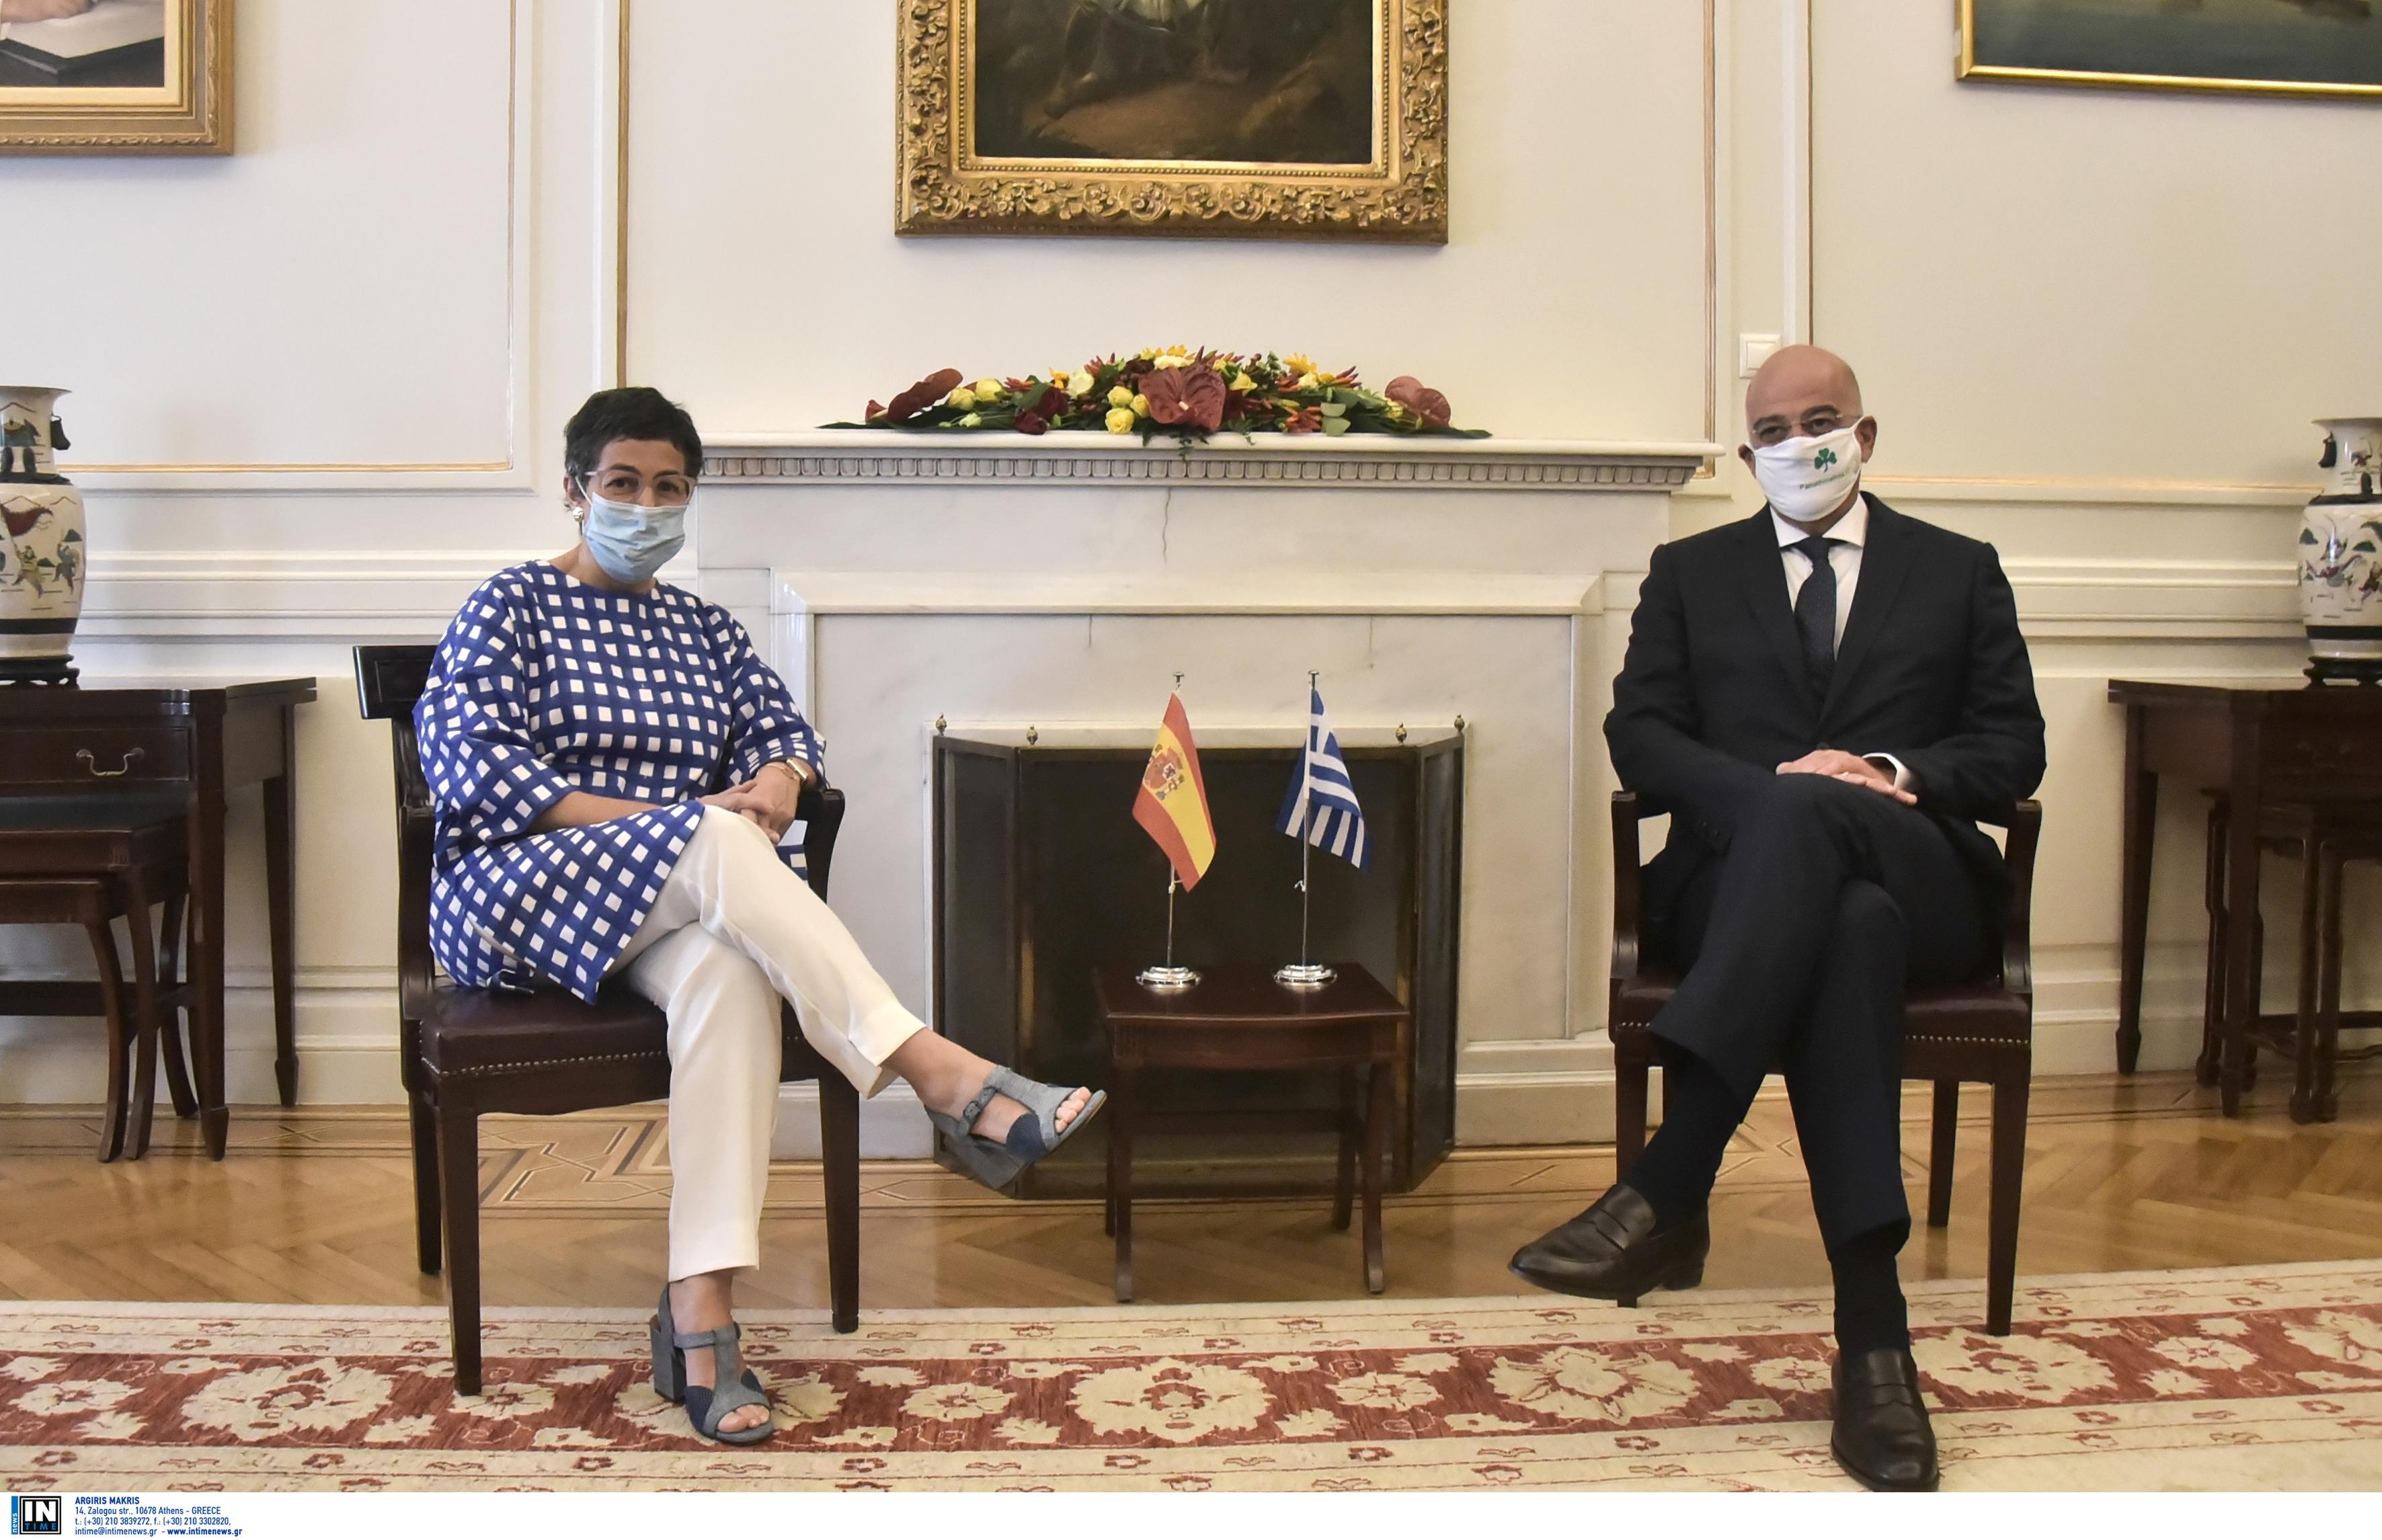 Πάει να τα μαζέψει τώρα ο Δένδιας για την νέα γκάφα του με την μάσκα… (+pic)